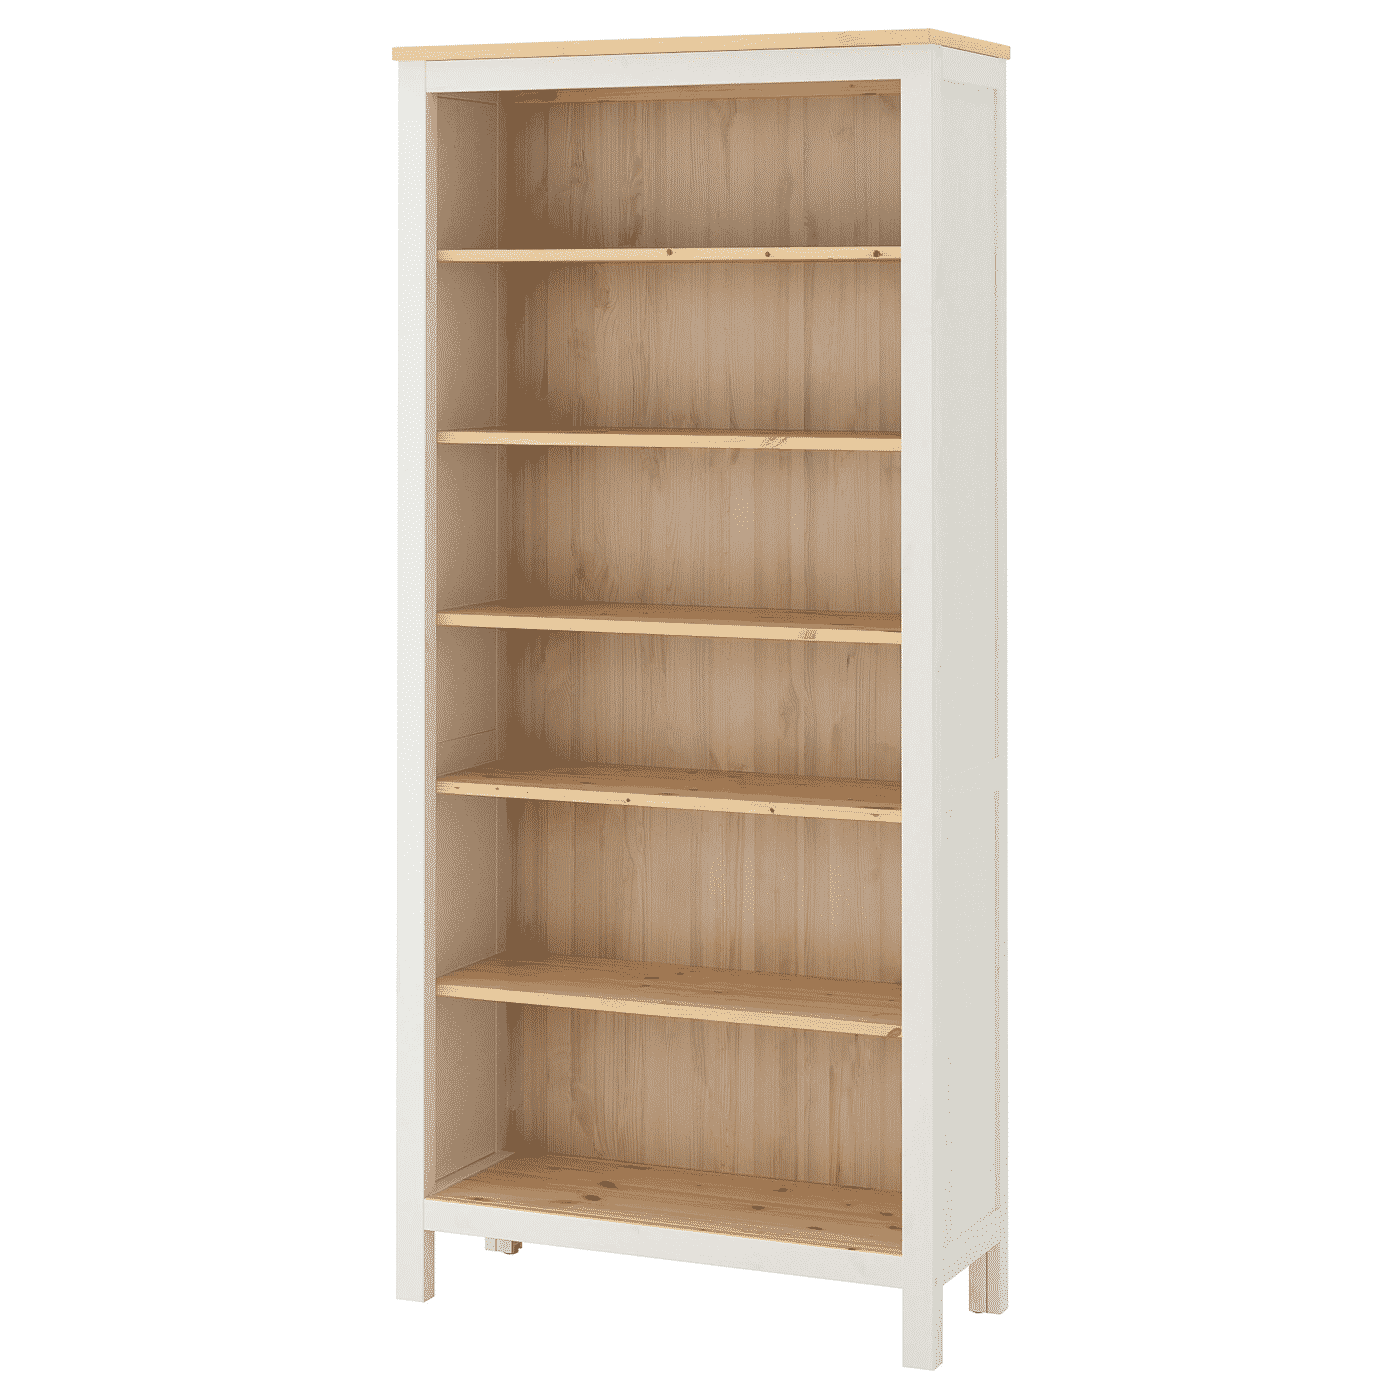 The HEMNES Bookcase